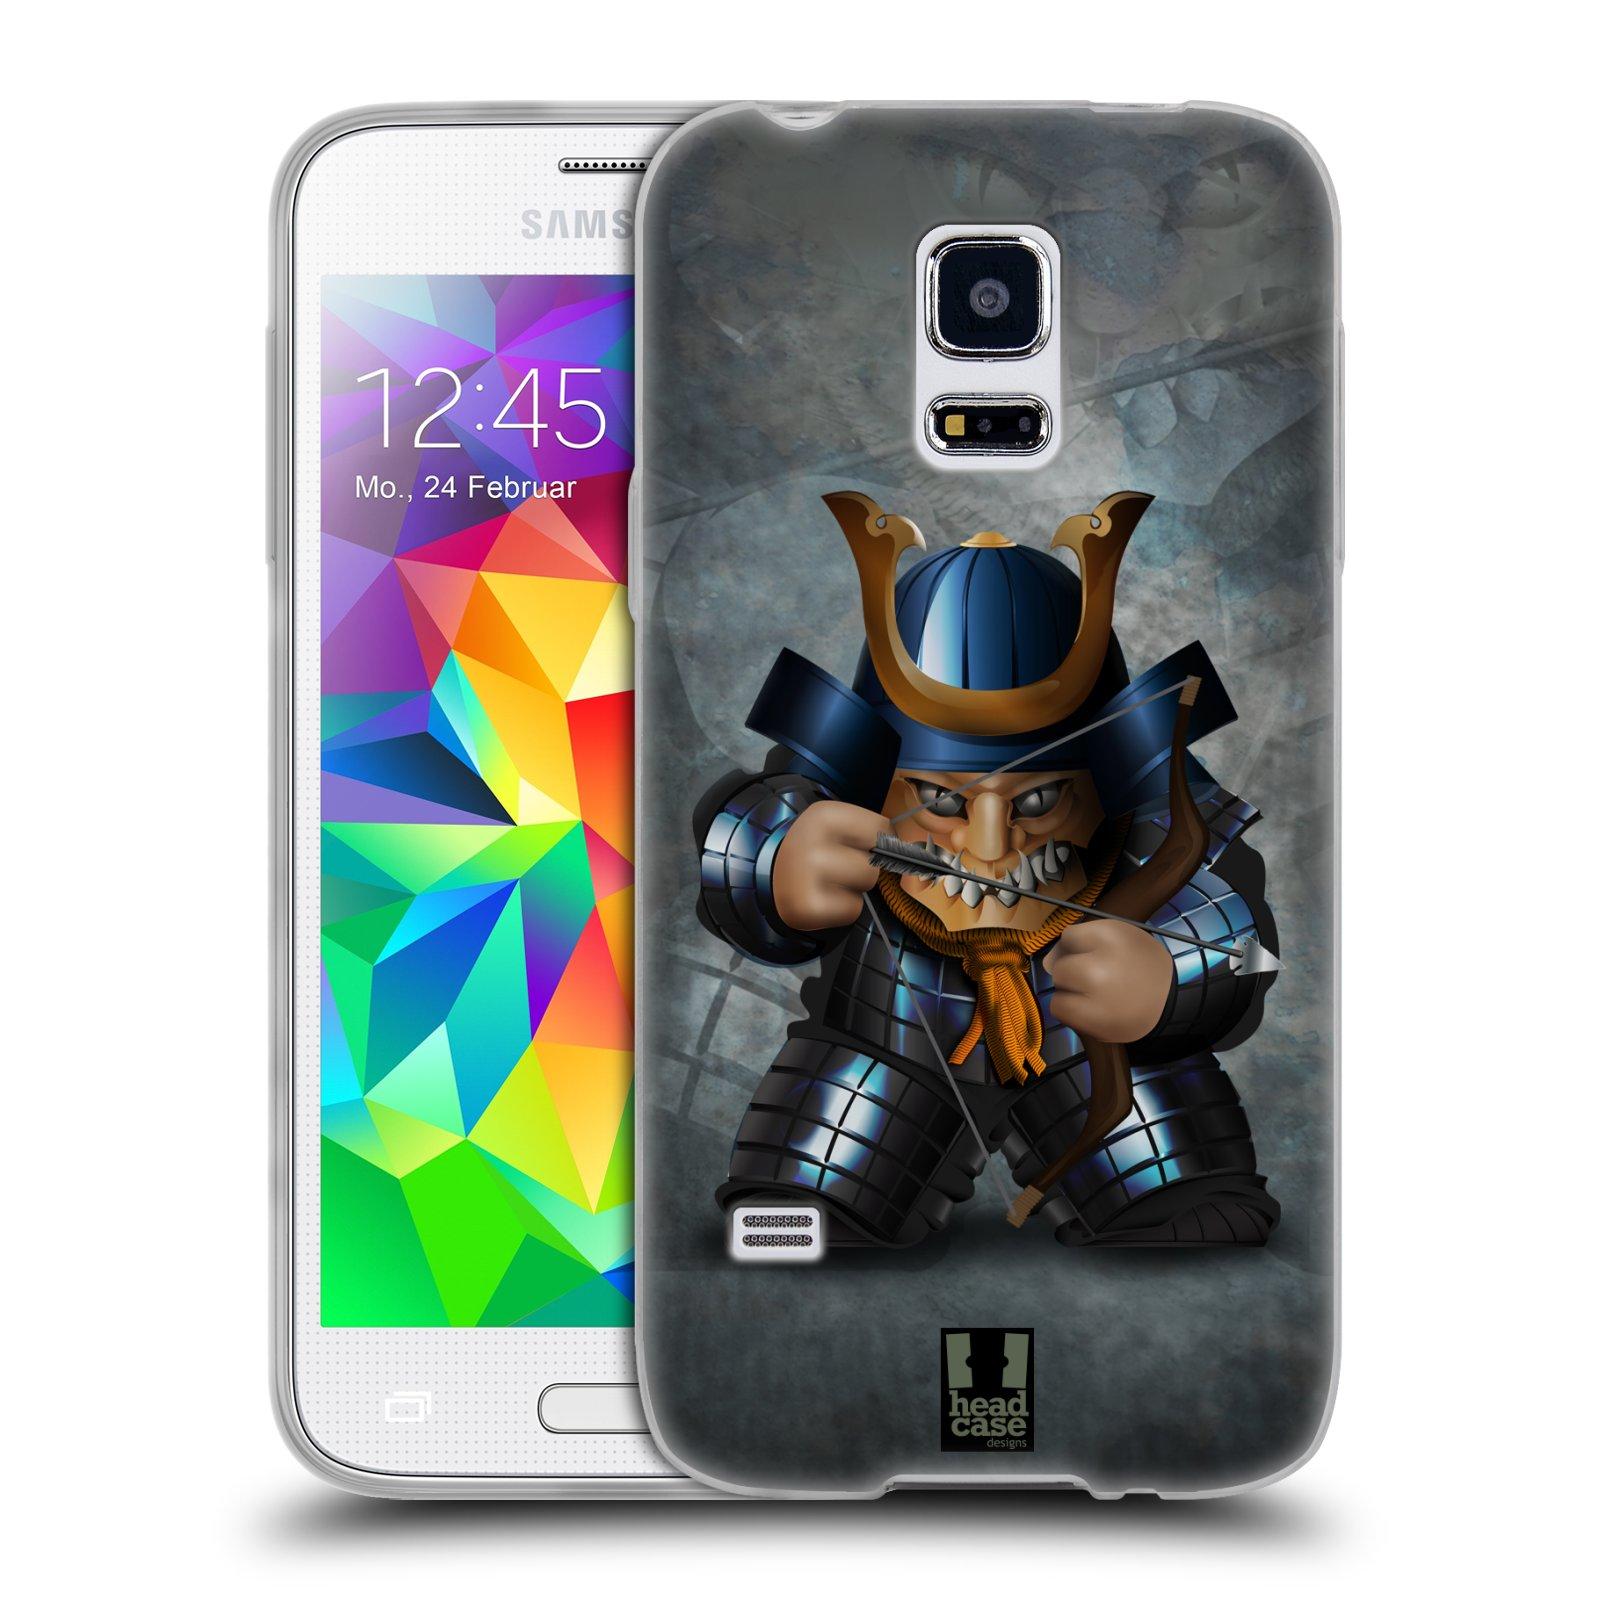 HEAD CASE silikonový obal na mobil Samsung Galaxy S5 MINI vzor Malí bojovníci SHOGUN STŘELEC